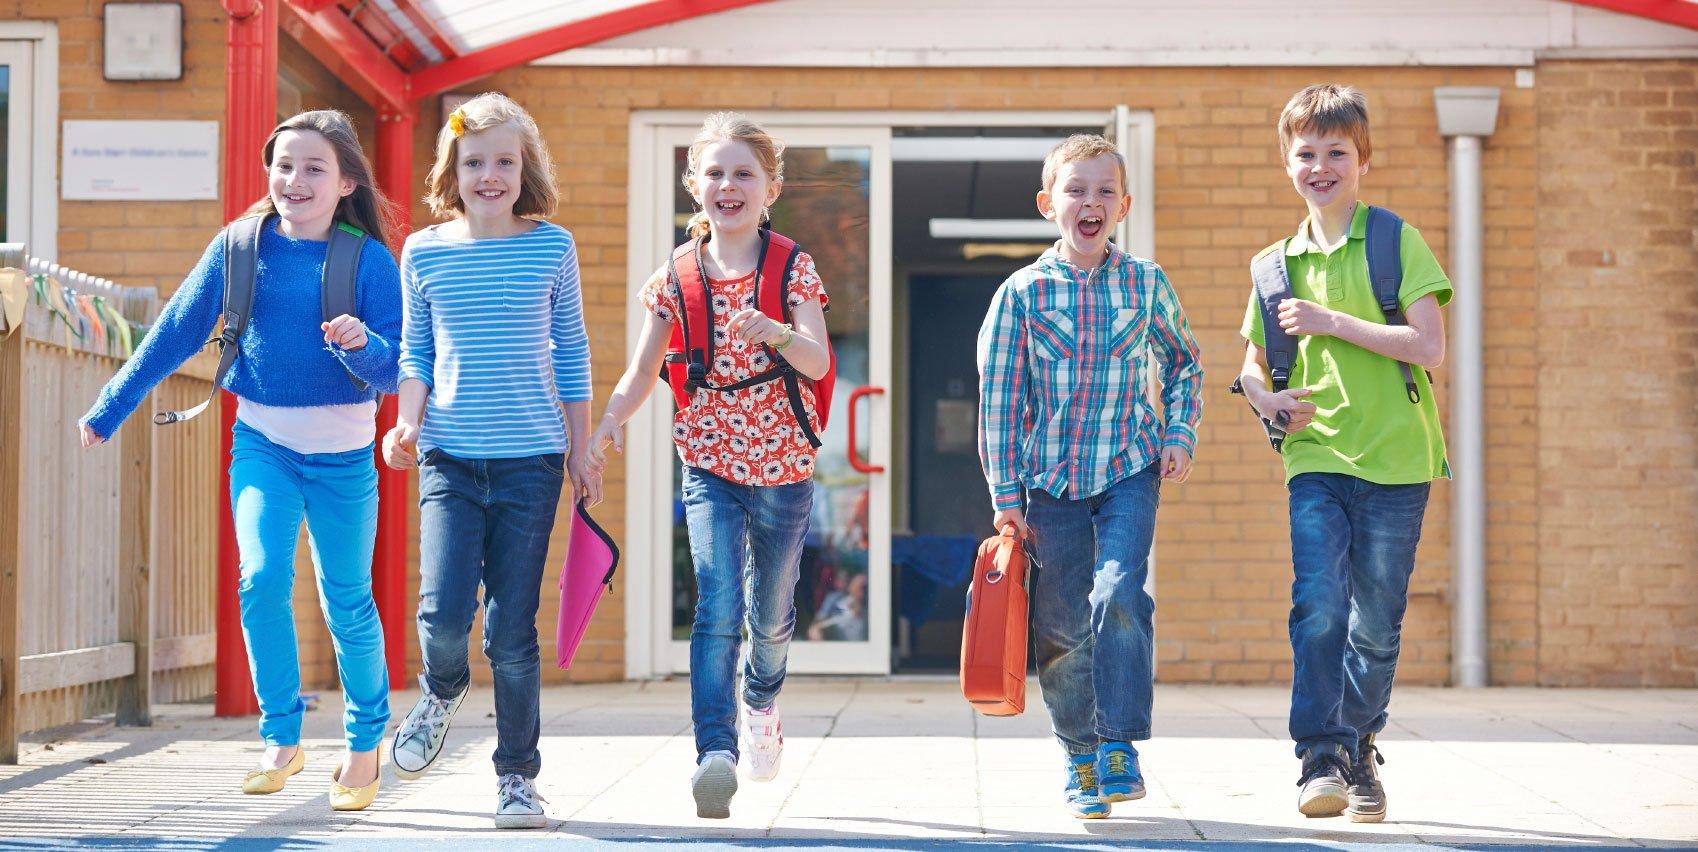 Kids happily leaving school